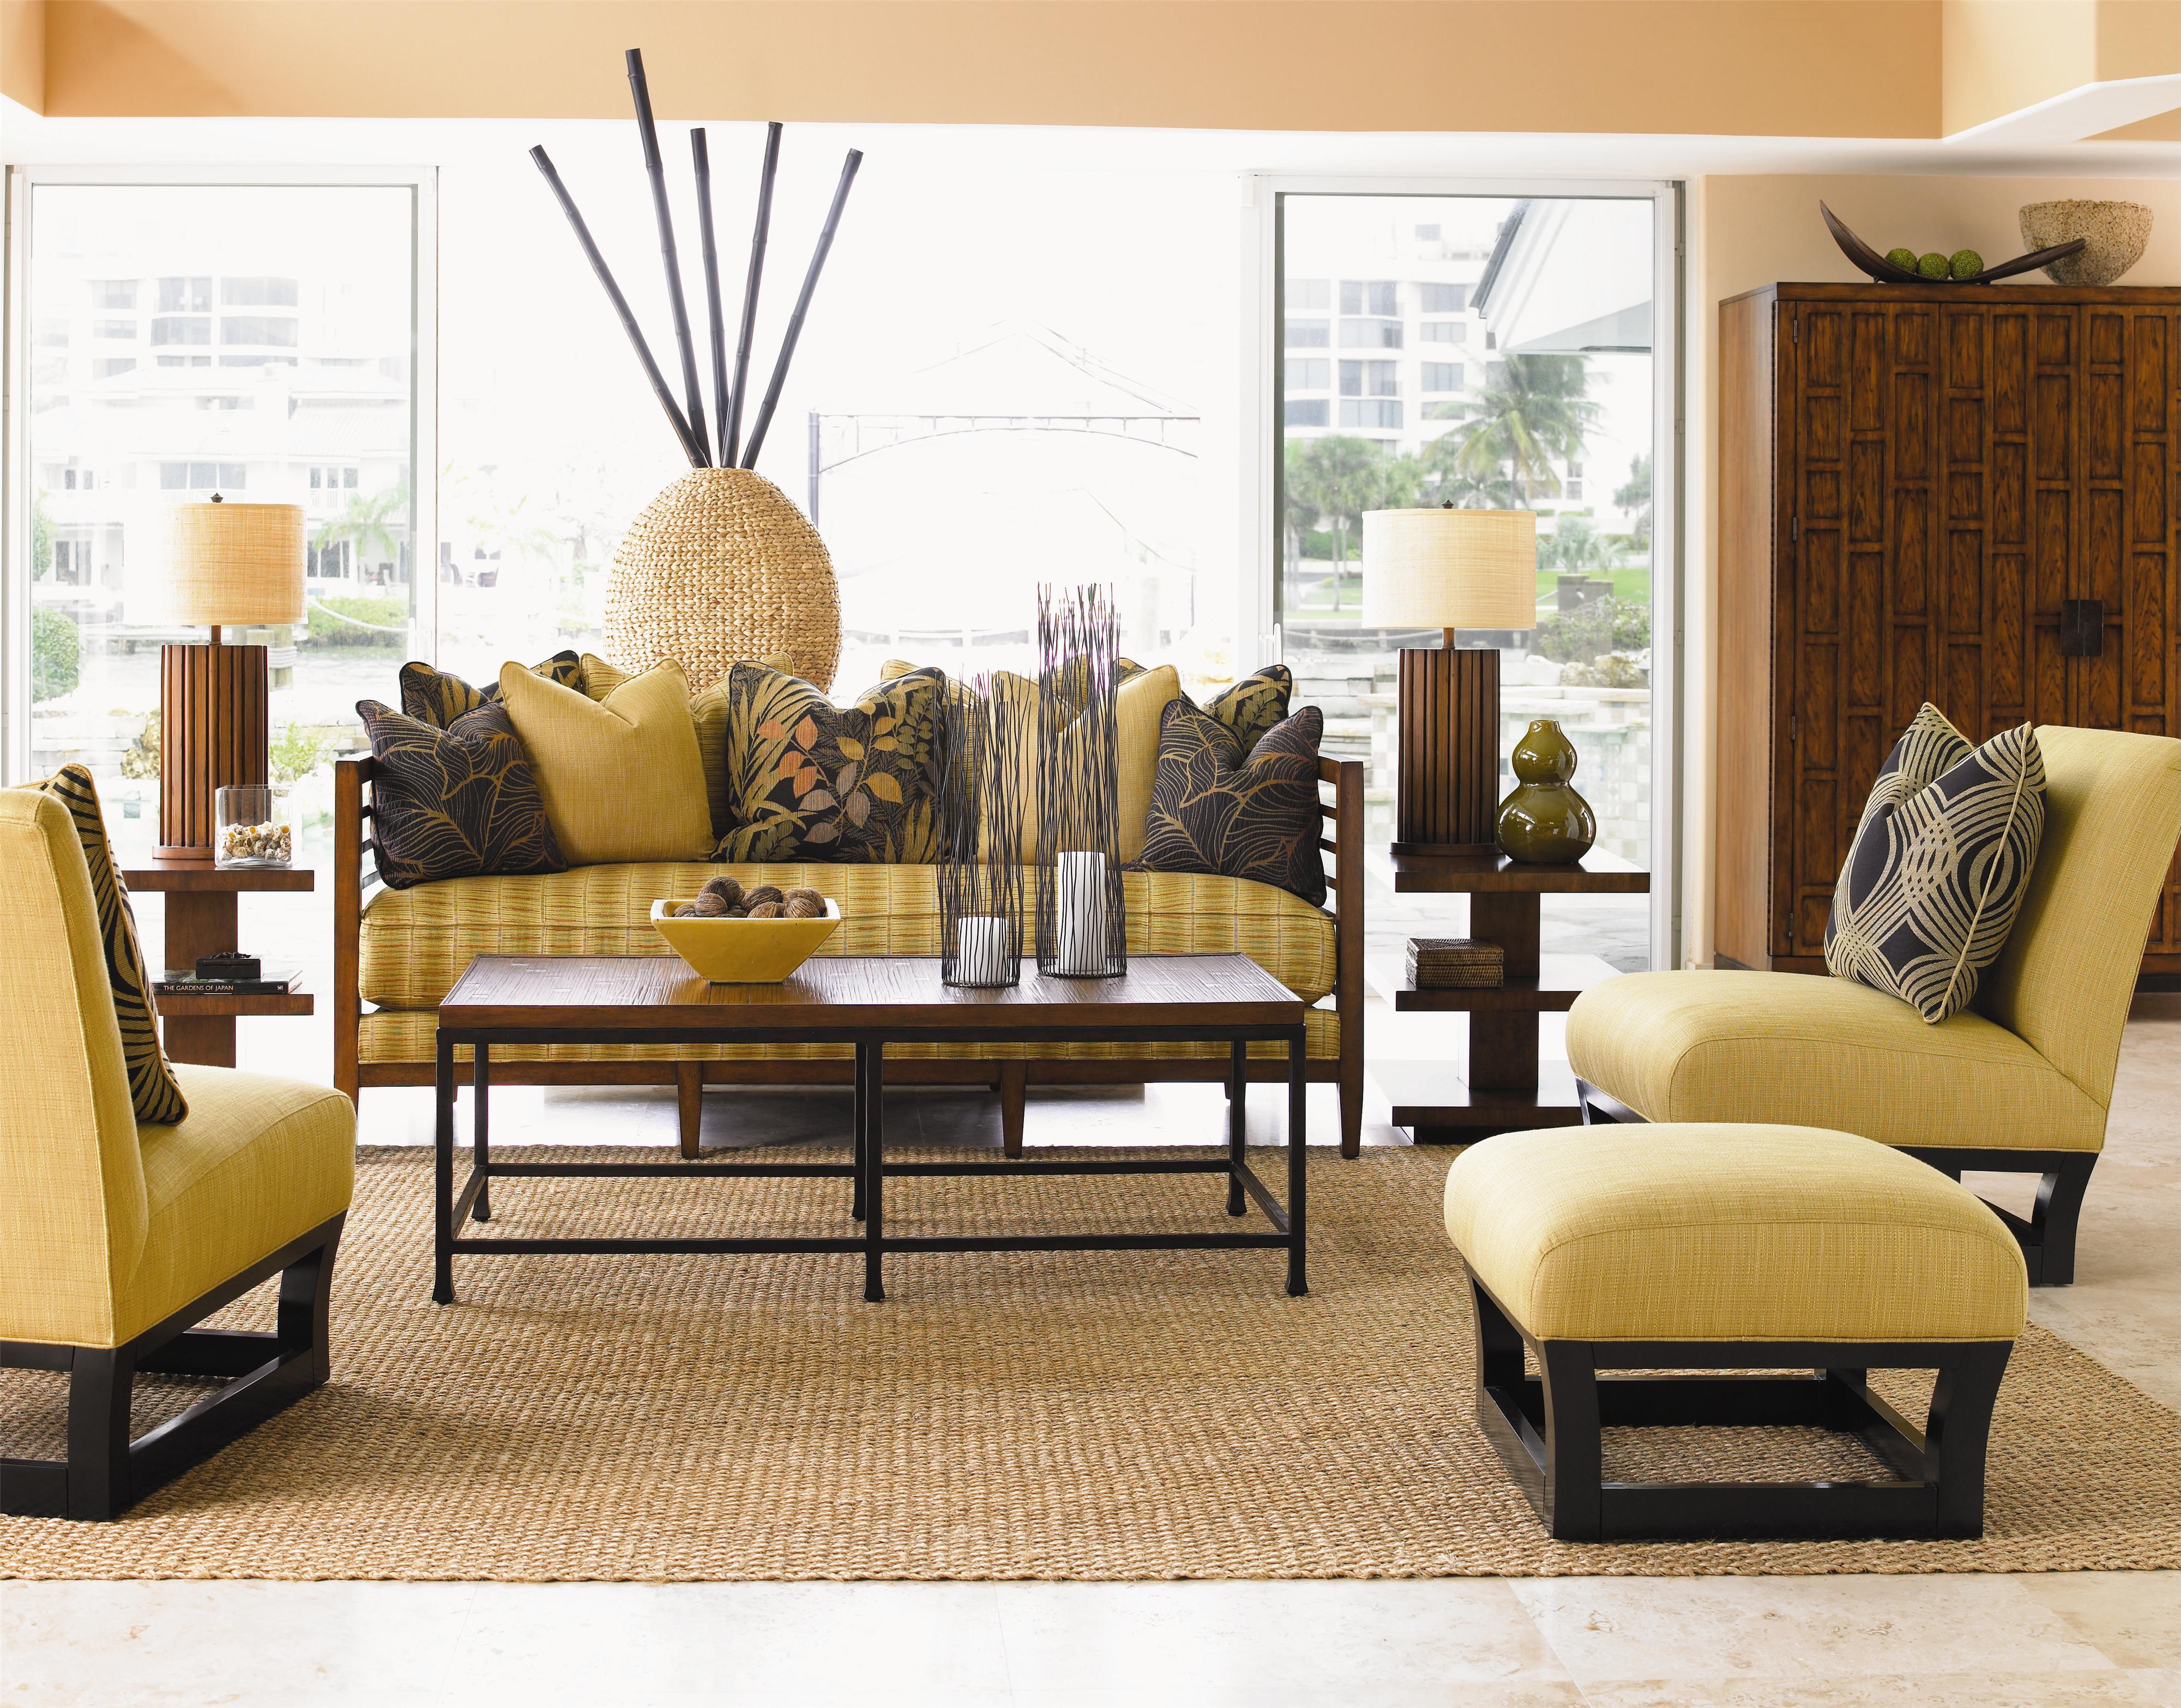 Tommy Bahama Home Ocean Club 1523 11 Armless Fusion Chair